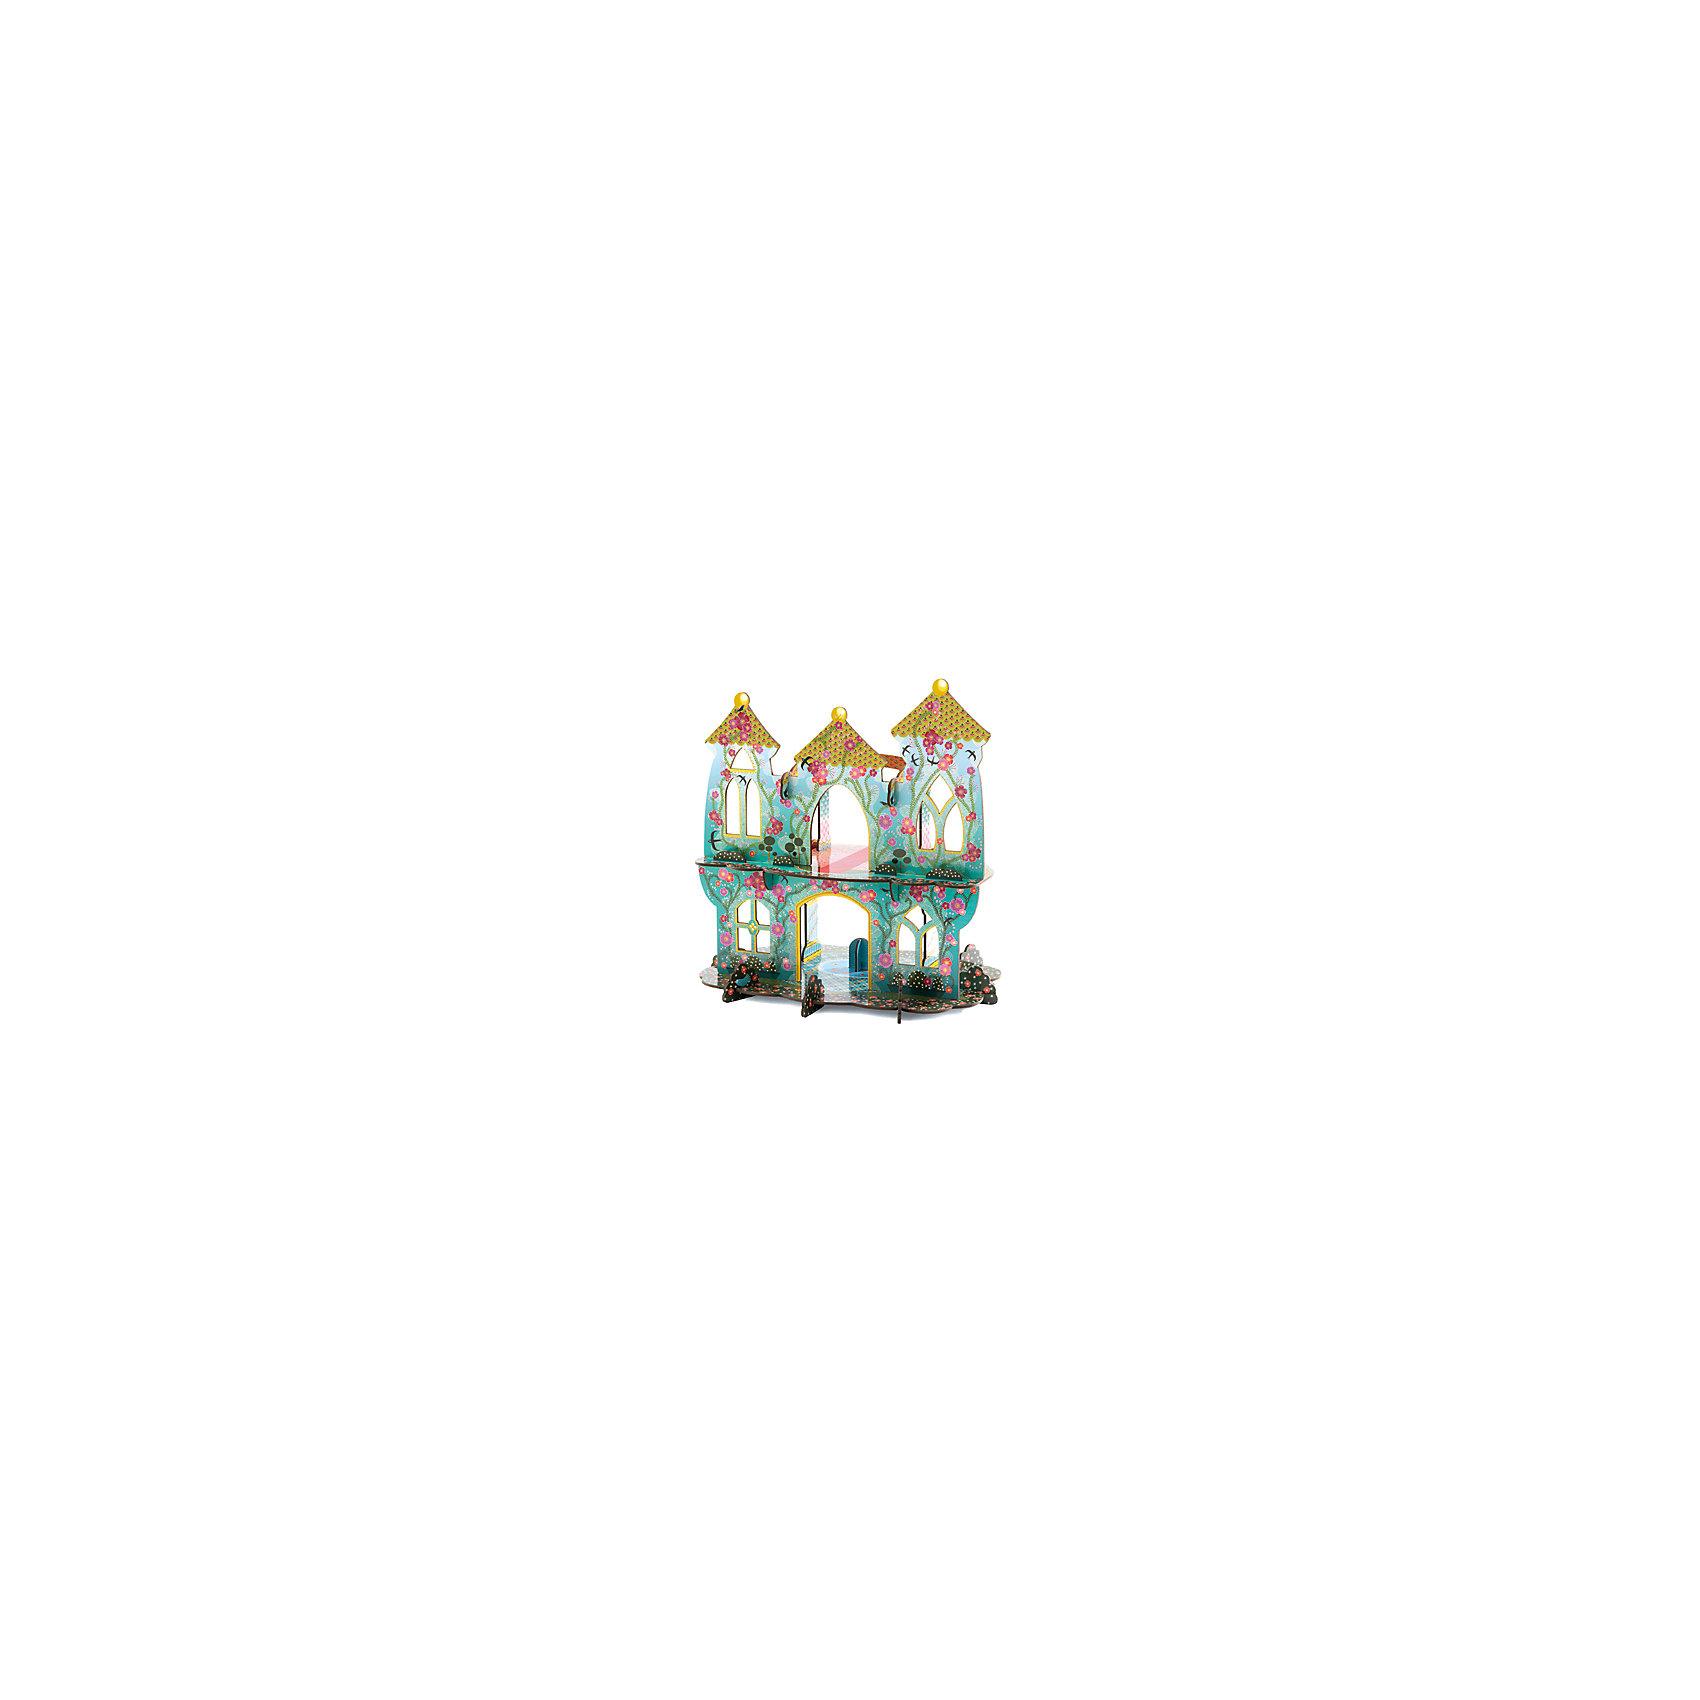 Волшебный замок, DJECOВолшебный замок, Djeco (Джеко) - оригинальный конструктор для девочек. Из плотных картонных деталей Ваша девочка легко соберет необыкновеннок красивый и воздушный сказочный замок. В замке два этажа, внешние стены выполнены в красивой голуой расцыетке и украшены цветами, верхний этаж венчают три остроконечные башенки. Детали хорошо скрепляются друг с другом, не позволяя конструкции развалиться. Замок станет прекрасным местом для игр с куклами и любимыми игрушками. Набор способствует развитию воображения и тврческого мышления, навыков конструирования, трениркет мелкую моторику.<br> <br>Дополнительная информация:<br><br>- В комплекте: 20 деталей для сборки.<br>- Материал: картон. <br>- Размер собранного замка: 34 х 25 х 35 см.<br>- Размер упаковки: 25 х 46 х 2,8 см.<br><br><br>Волшебный замок, Djeco (Джеко), можно купить в нашем интернет-магазине.<br><br>Ширина мм: 250<br>Глубина мм: 280<br>Высота мм: 10<br>Вес г: 1260<br>Возраст от месяцев: 48<br>Возраст до месяцев: 96<br>Пол: Женский<br>Возраст: Детский<br>SKU: 4215034